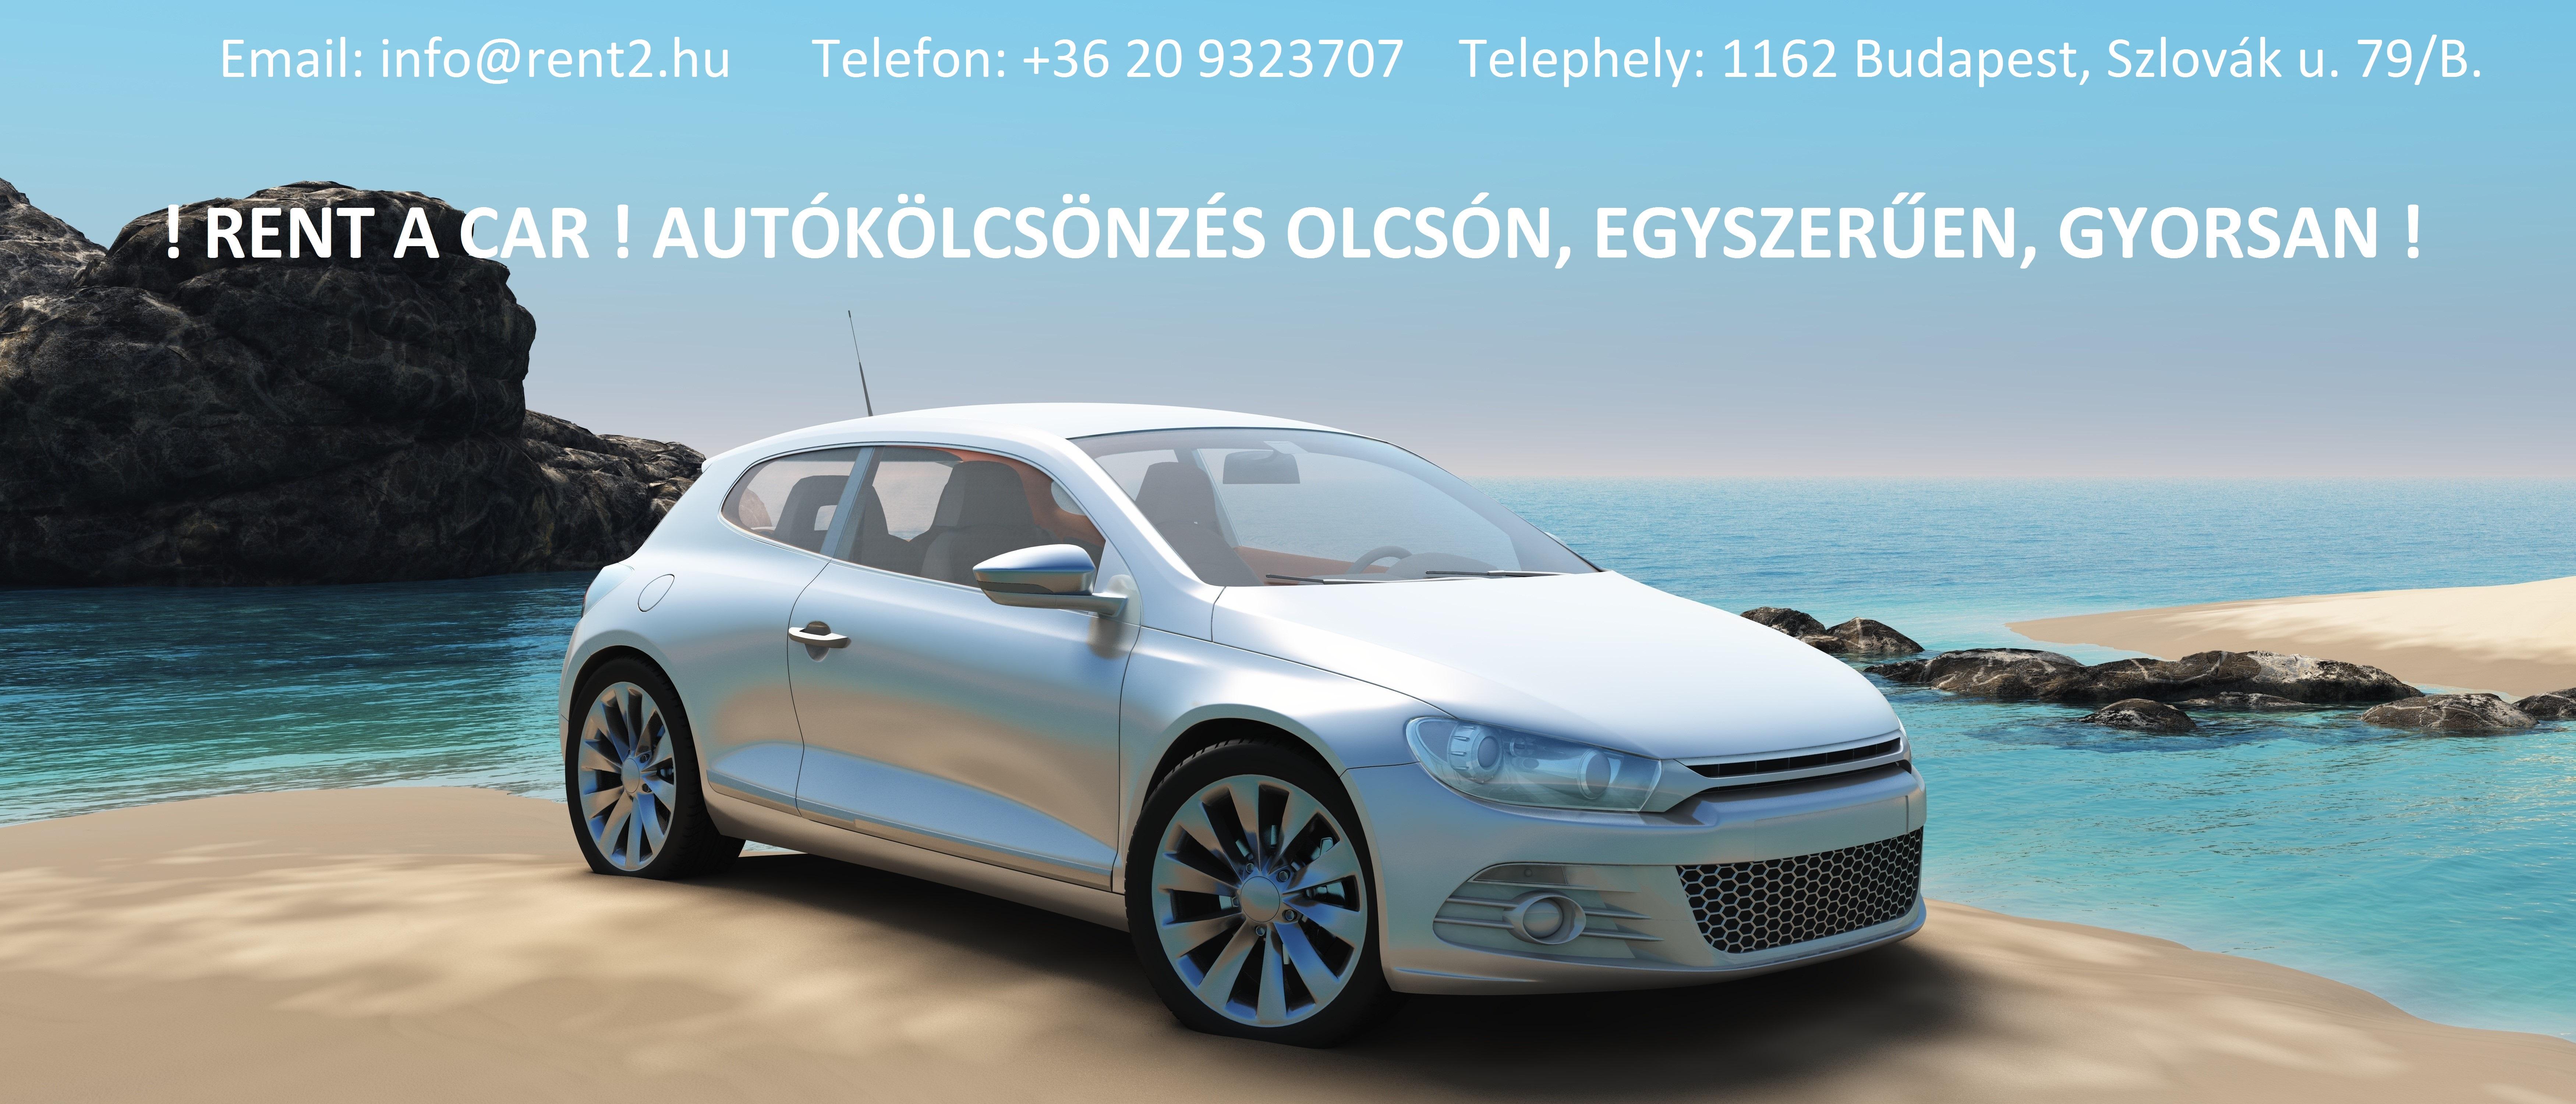 auto-1020051 másolat